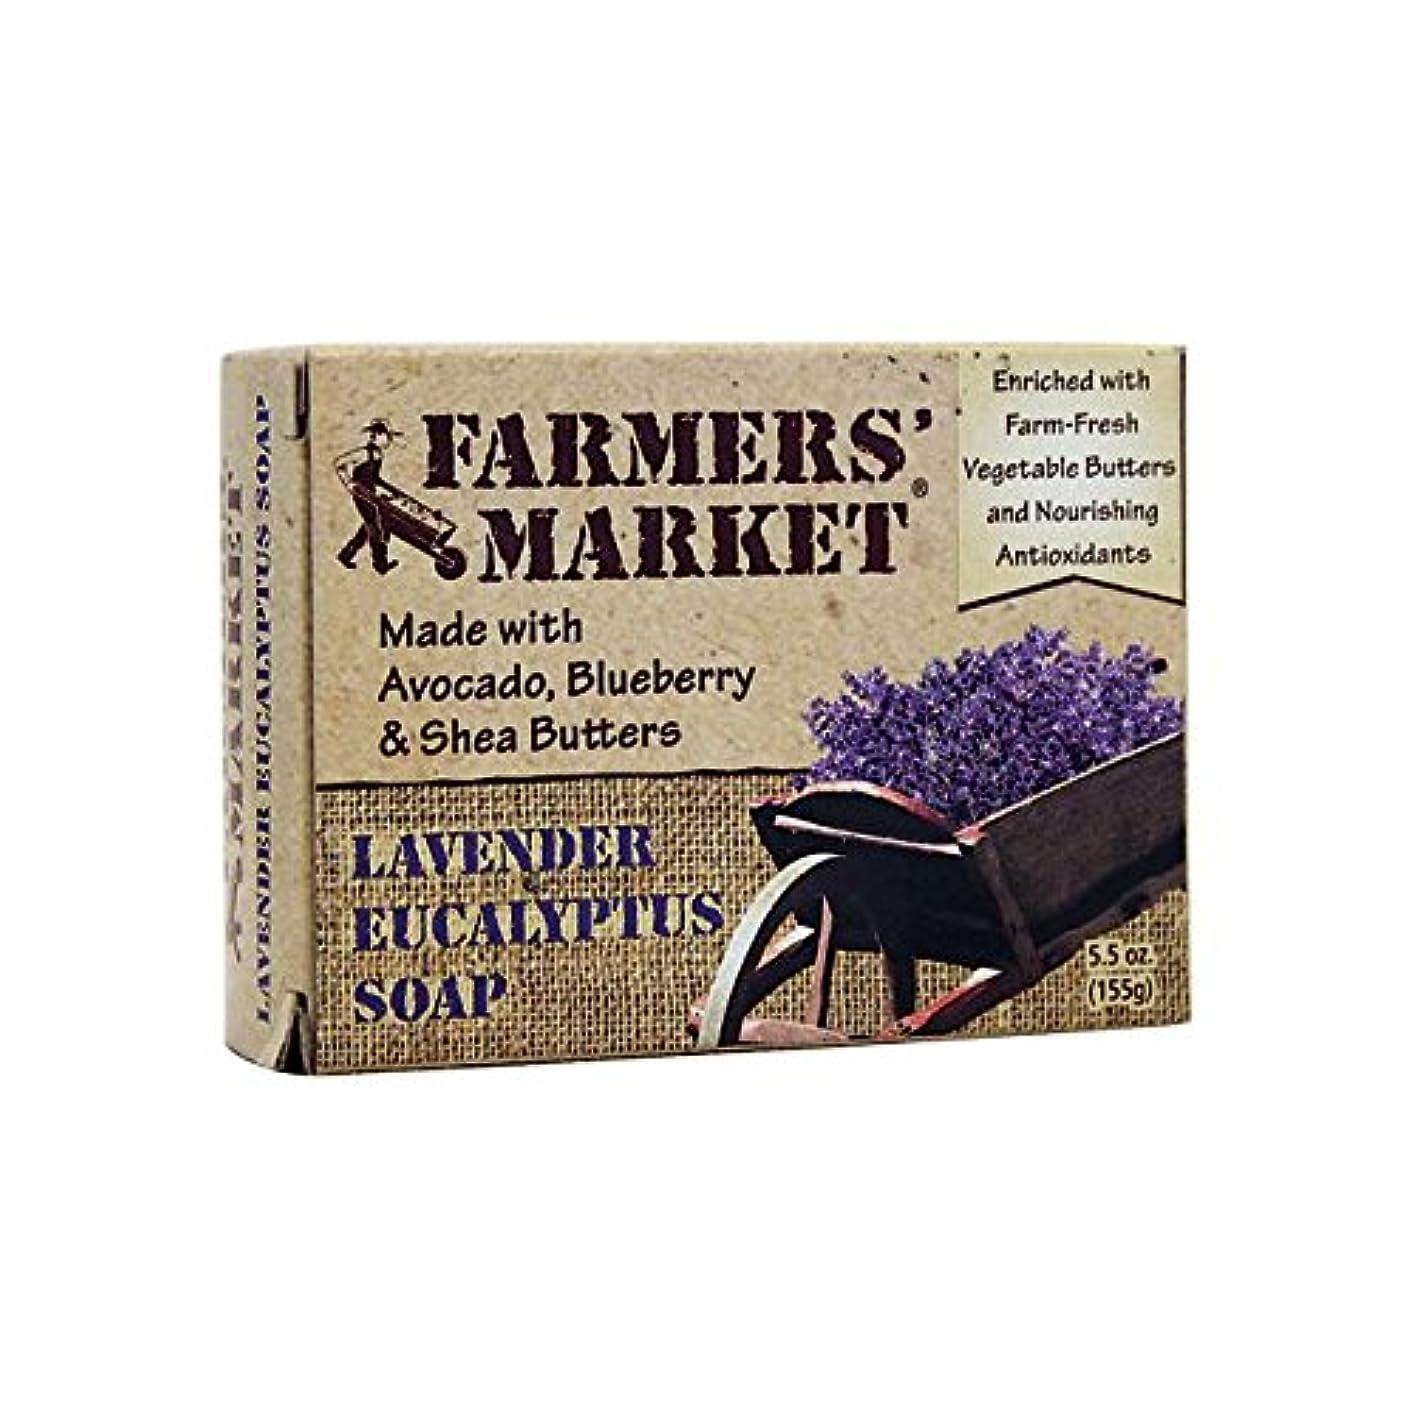 救出領事館薄汚いFarmers' Market Soaps, Lavender Eucalyptus Soap, 5.5 oz (155 g) (Discontinued Item)